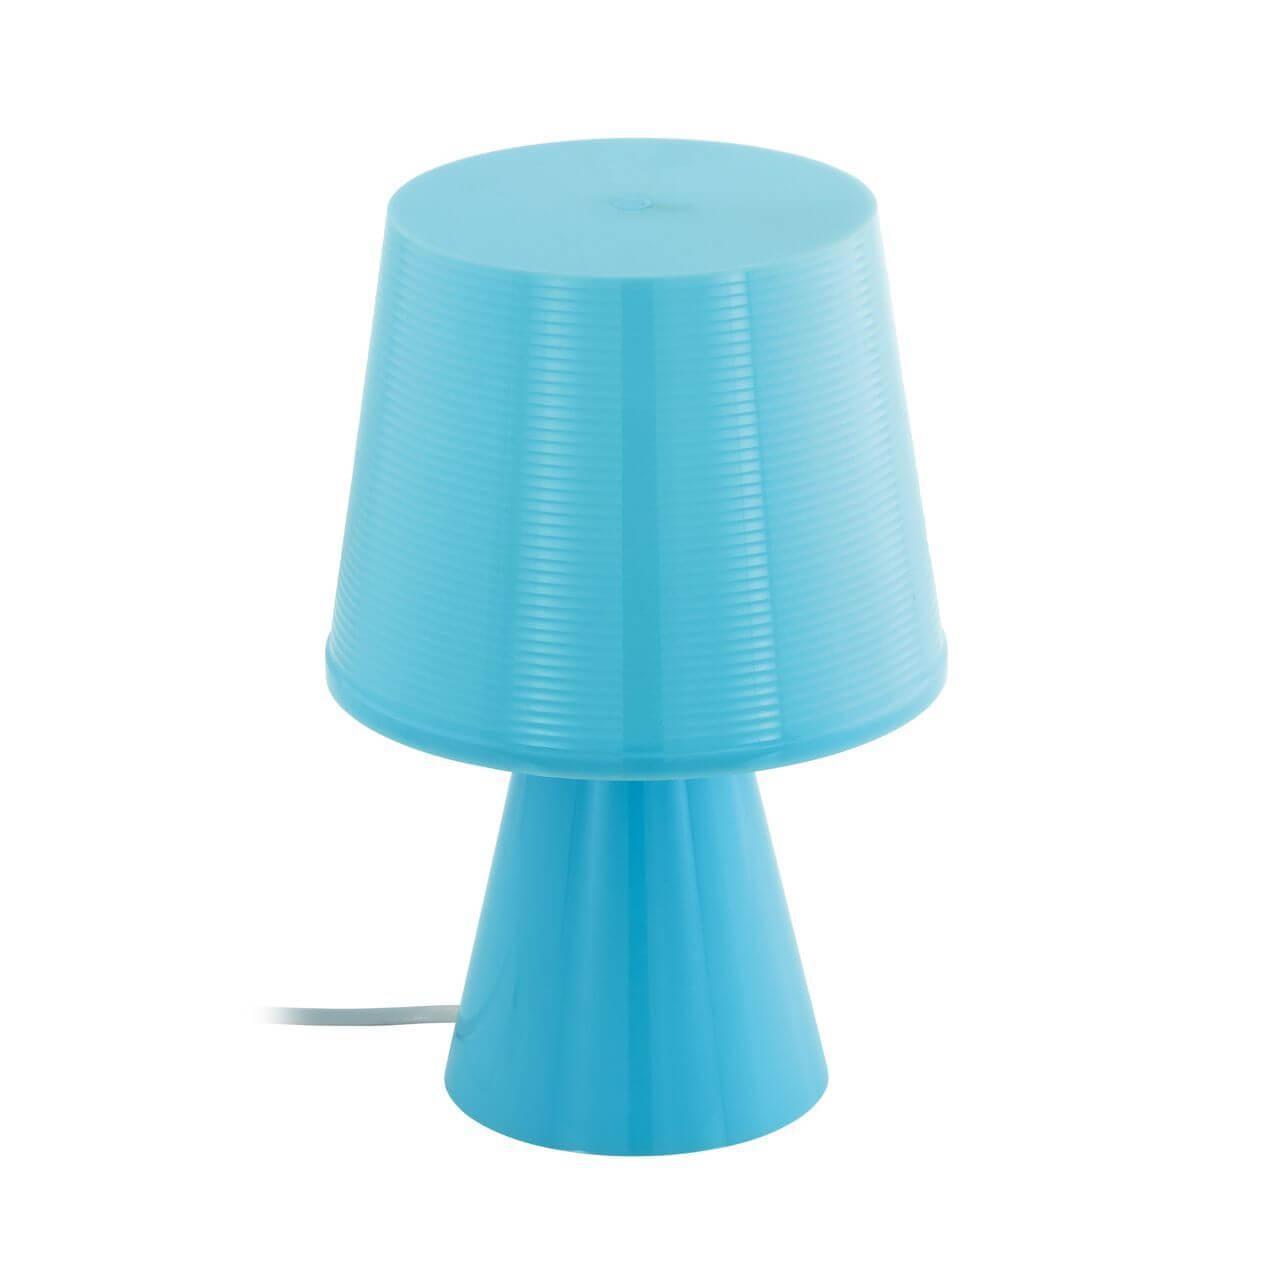 Настольная лампа Eglo Montalbo 96909 настольная лампа eglo montalbo 96909